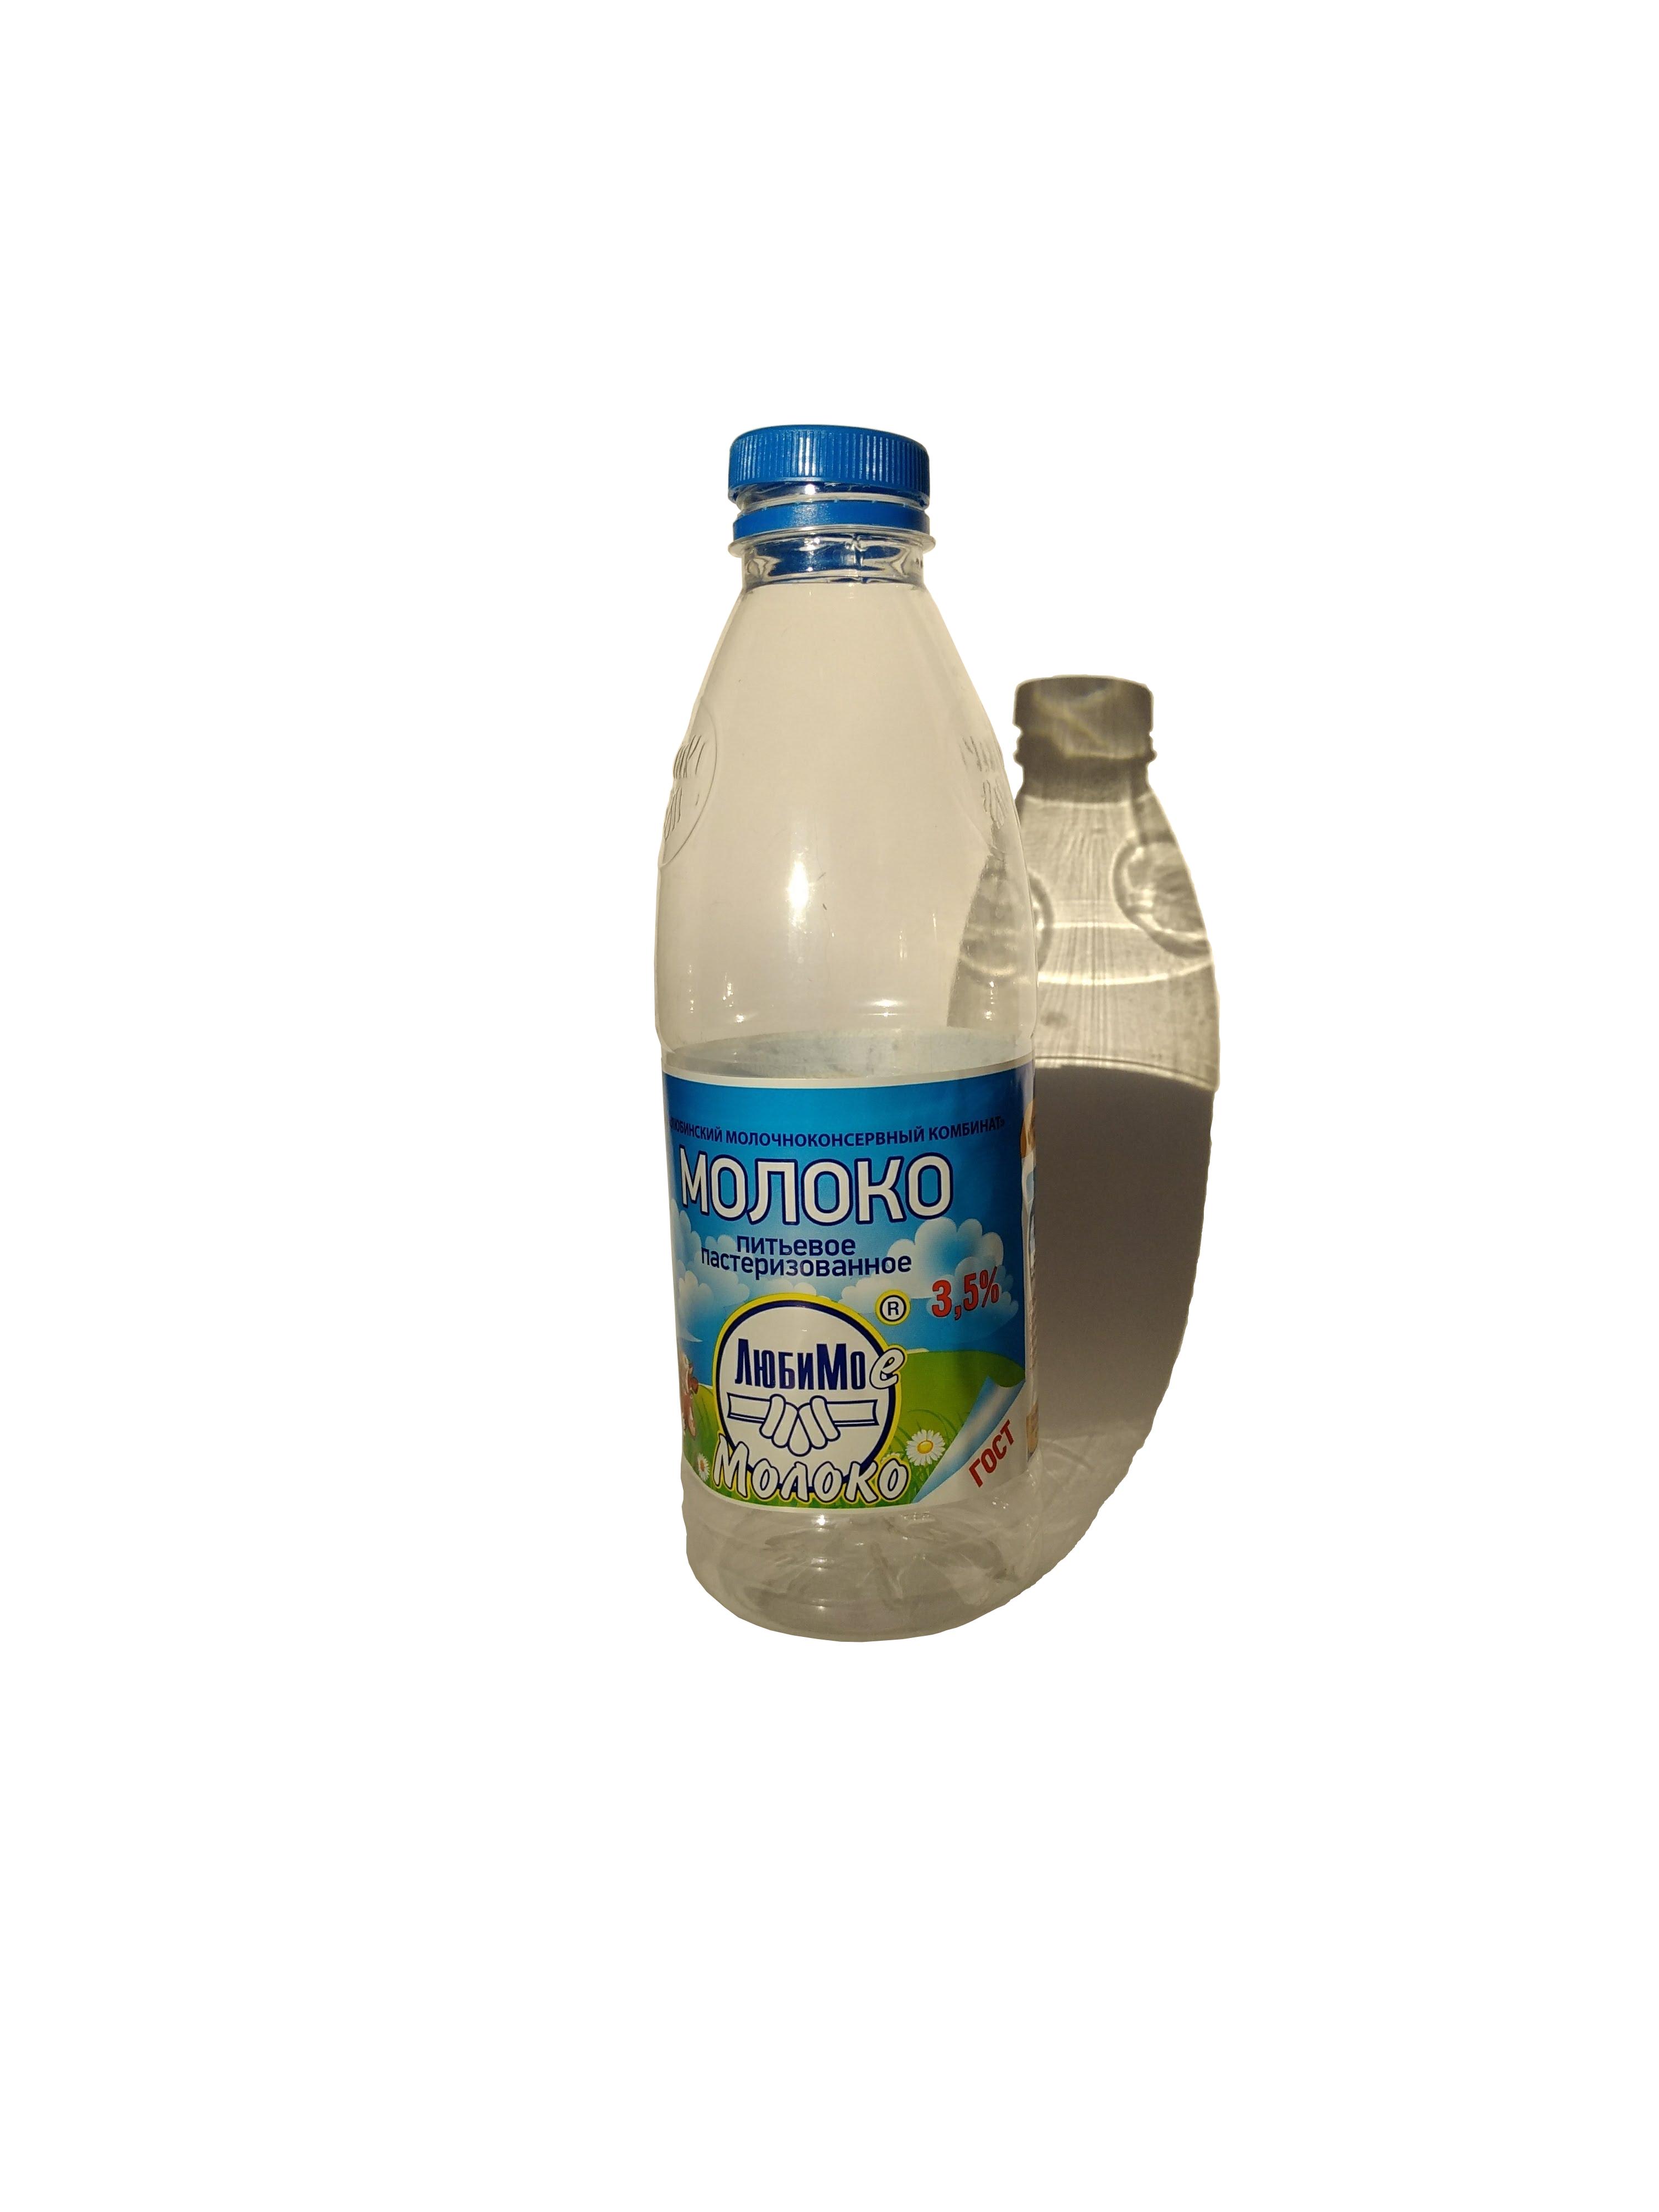 Молоко в полипропиленовой банке